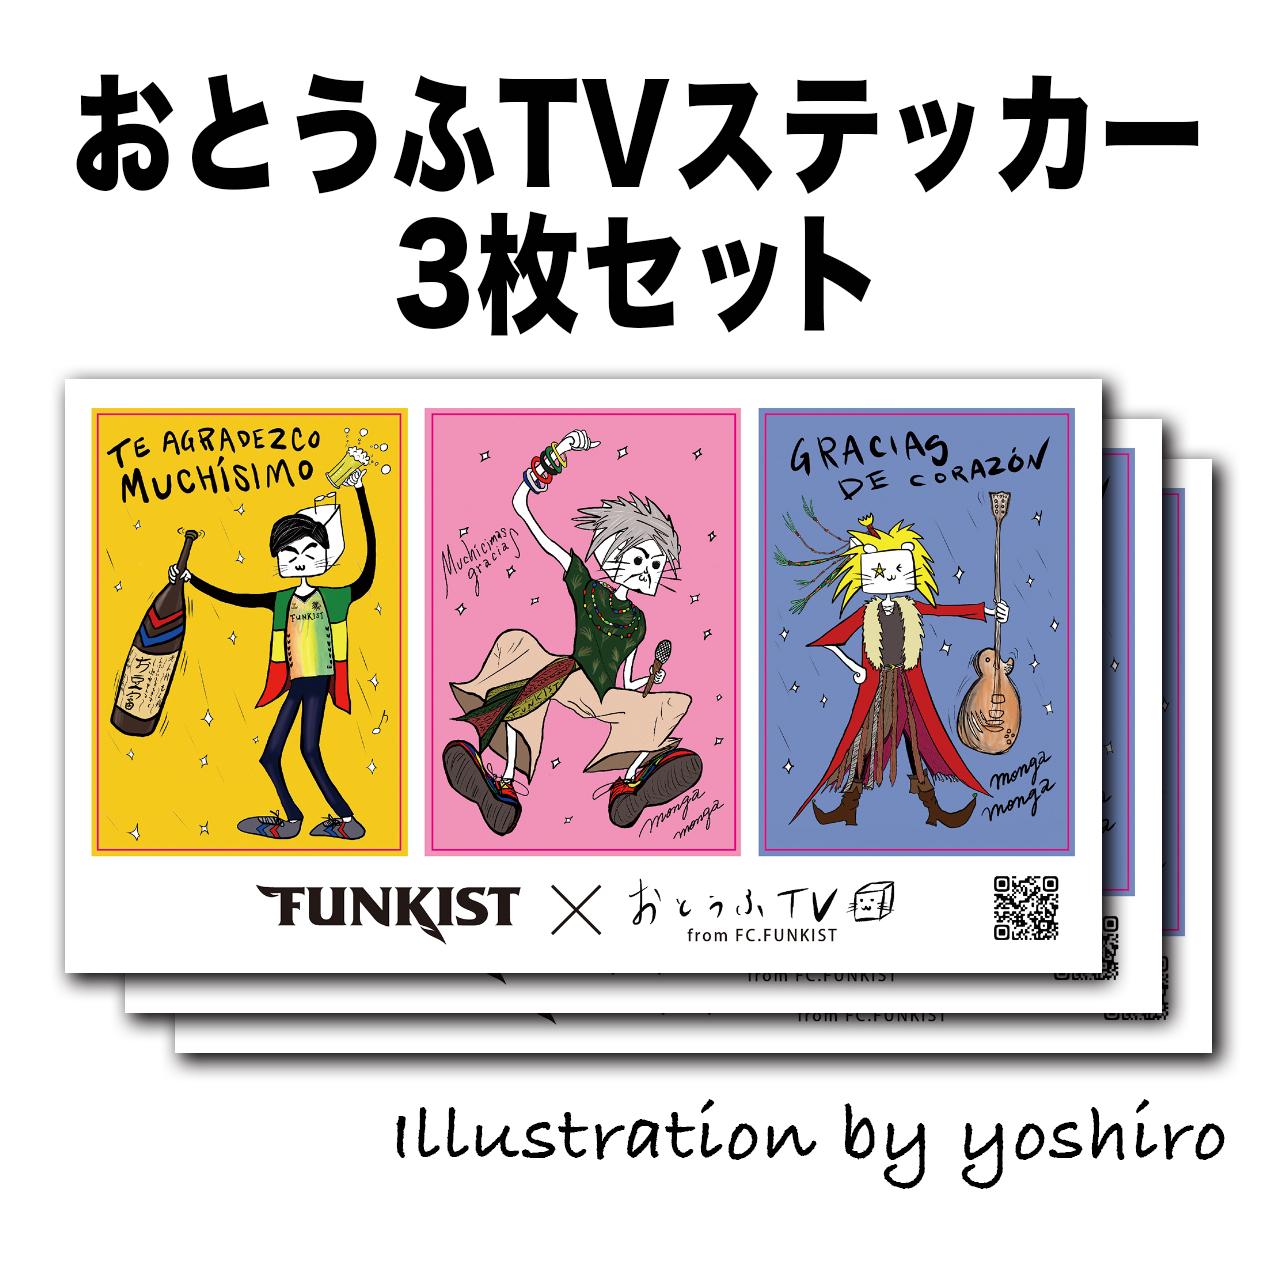 【3枚】FUNKIST×おとうふTV ステッカー